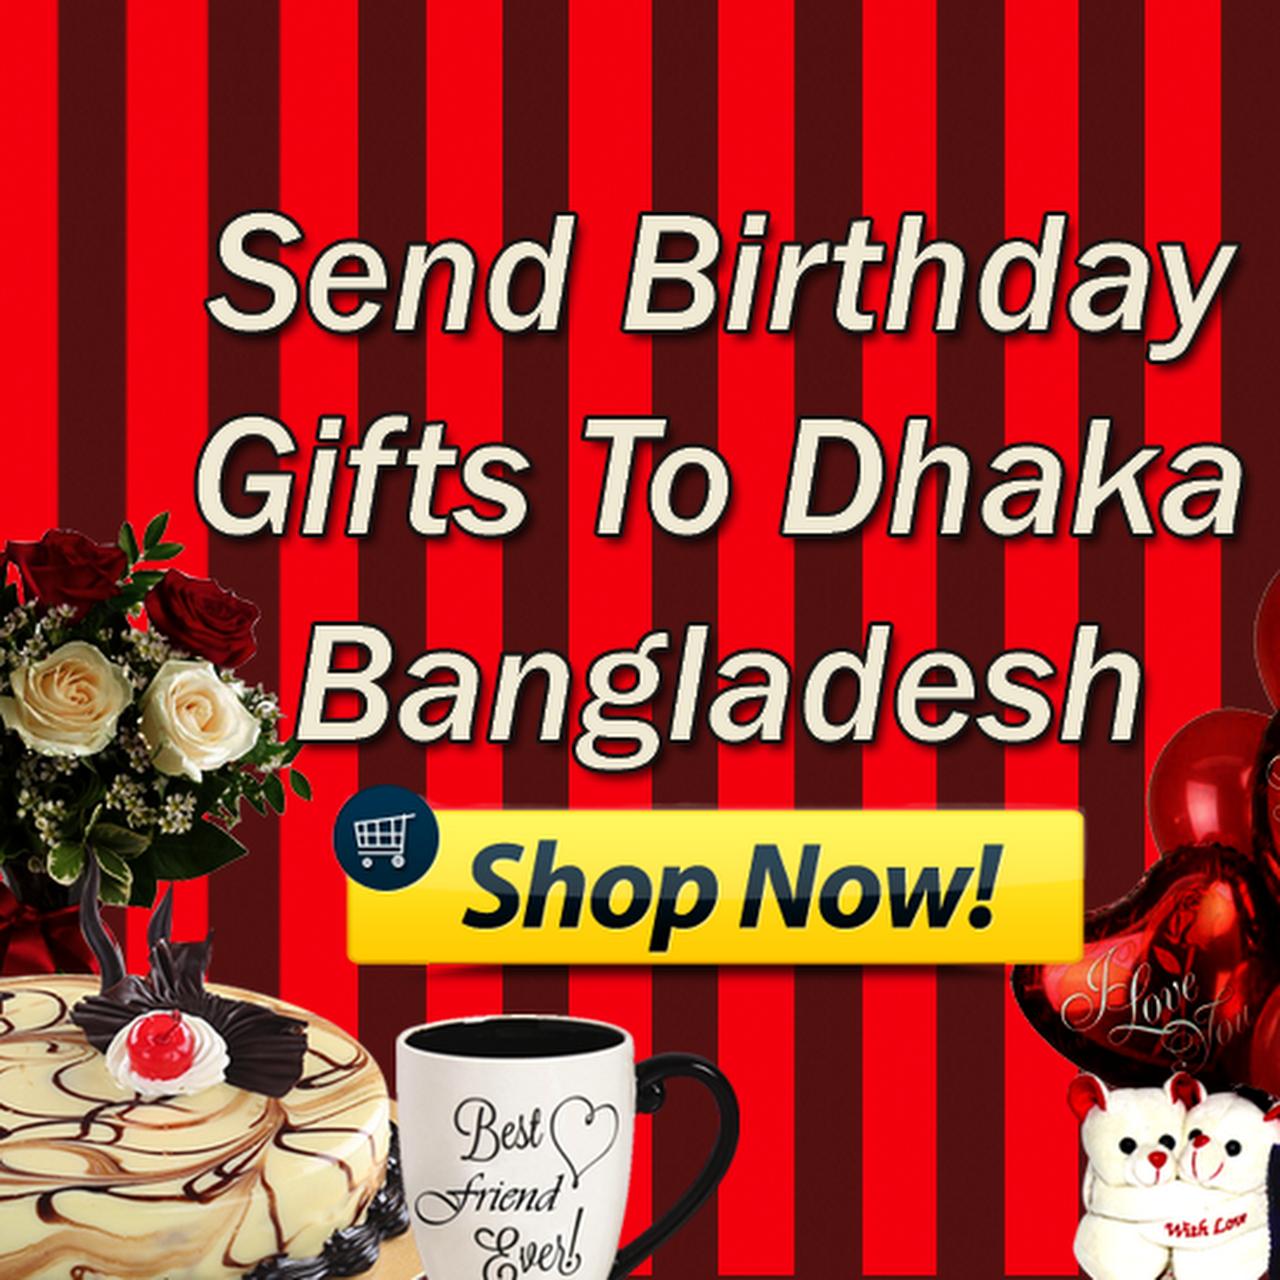 Send Gift To Dhaka